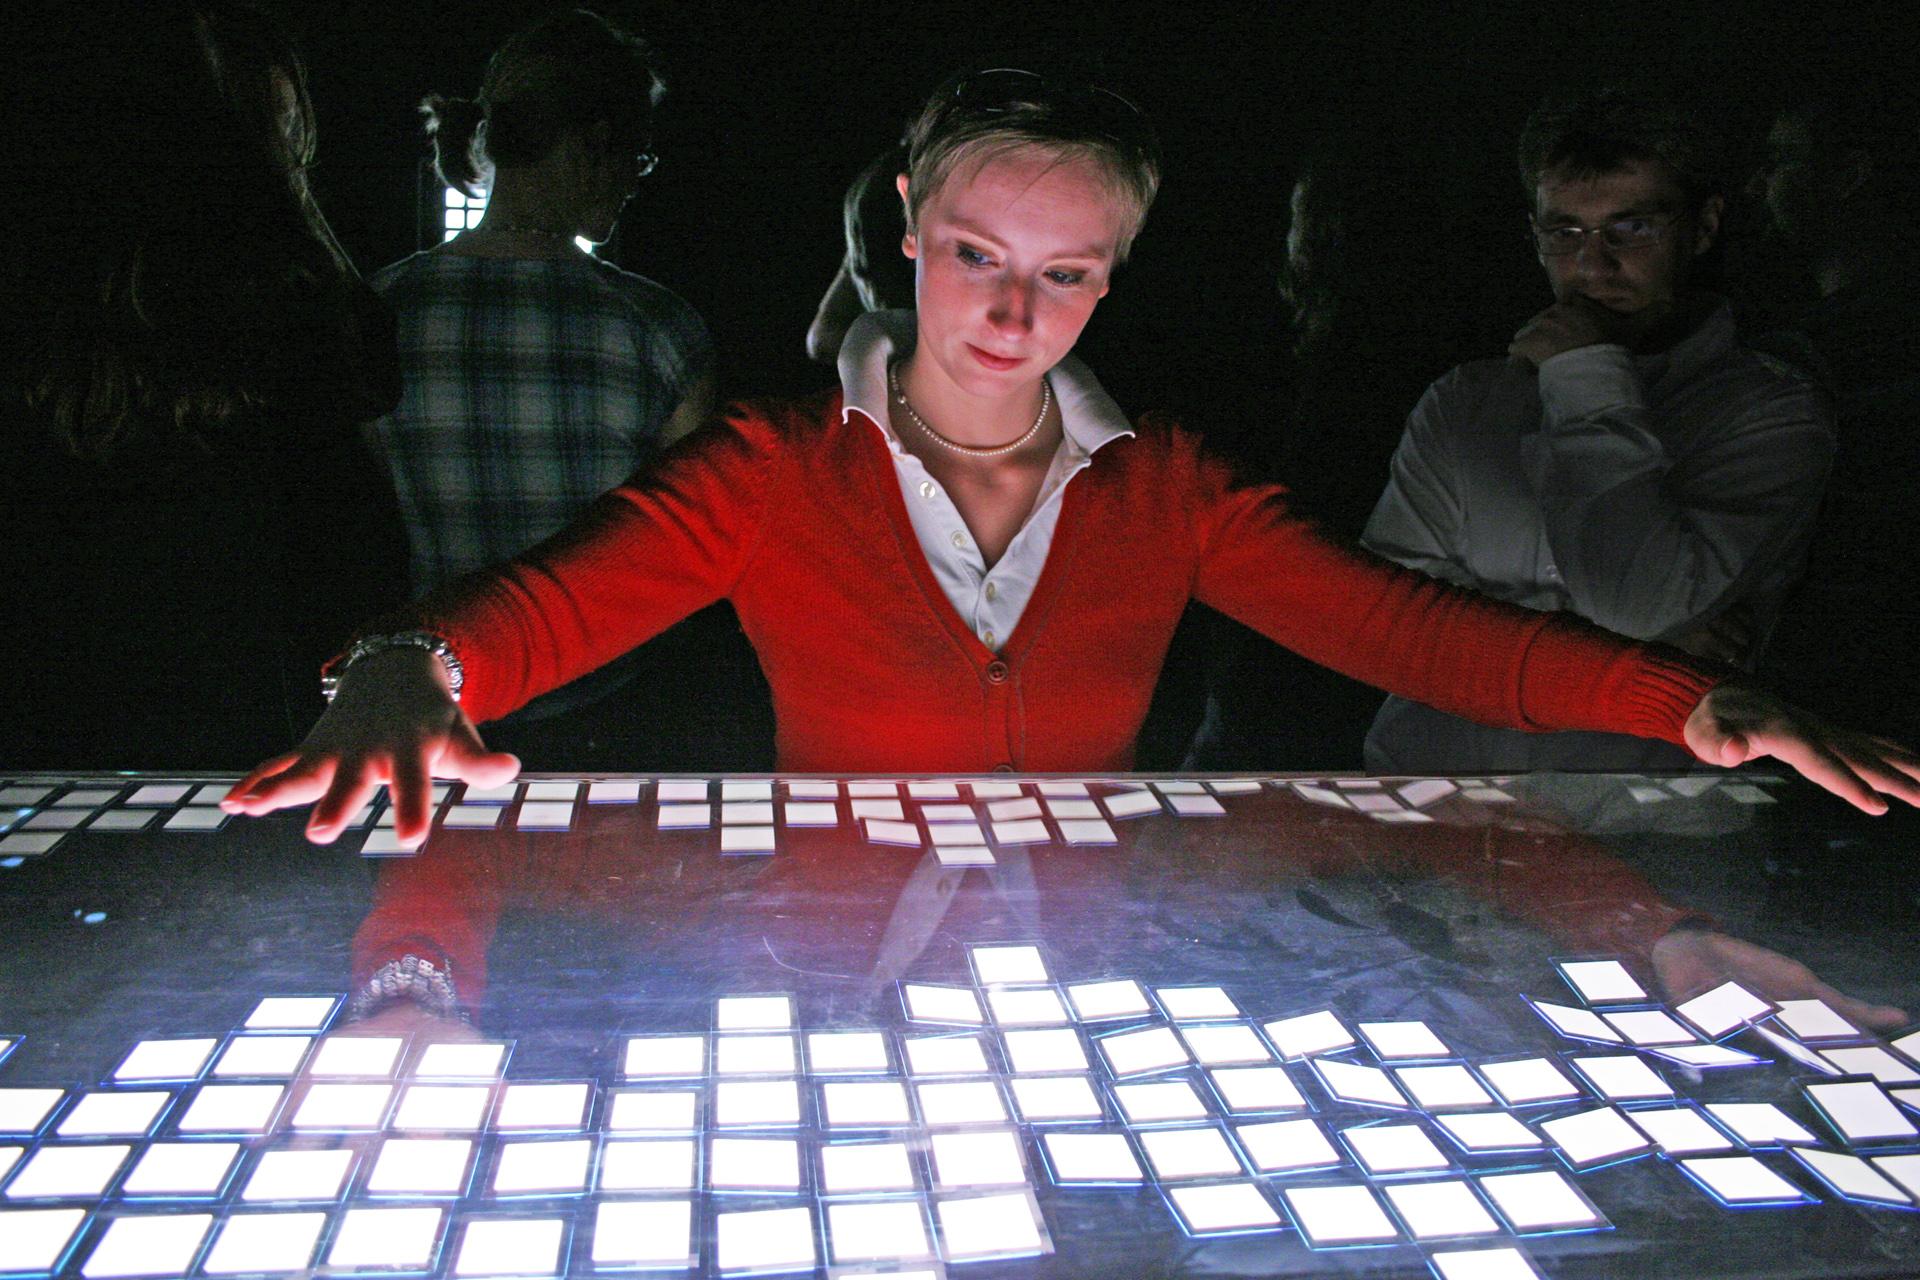 Eine Studentin hat fasziniert die Arme über hell leuchtende, rechteckige OLED-Kacheln ausgebreitet.